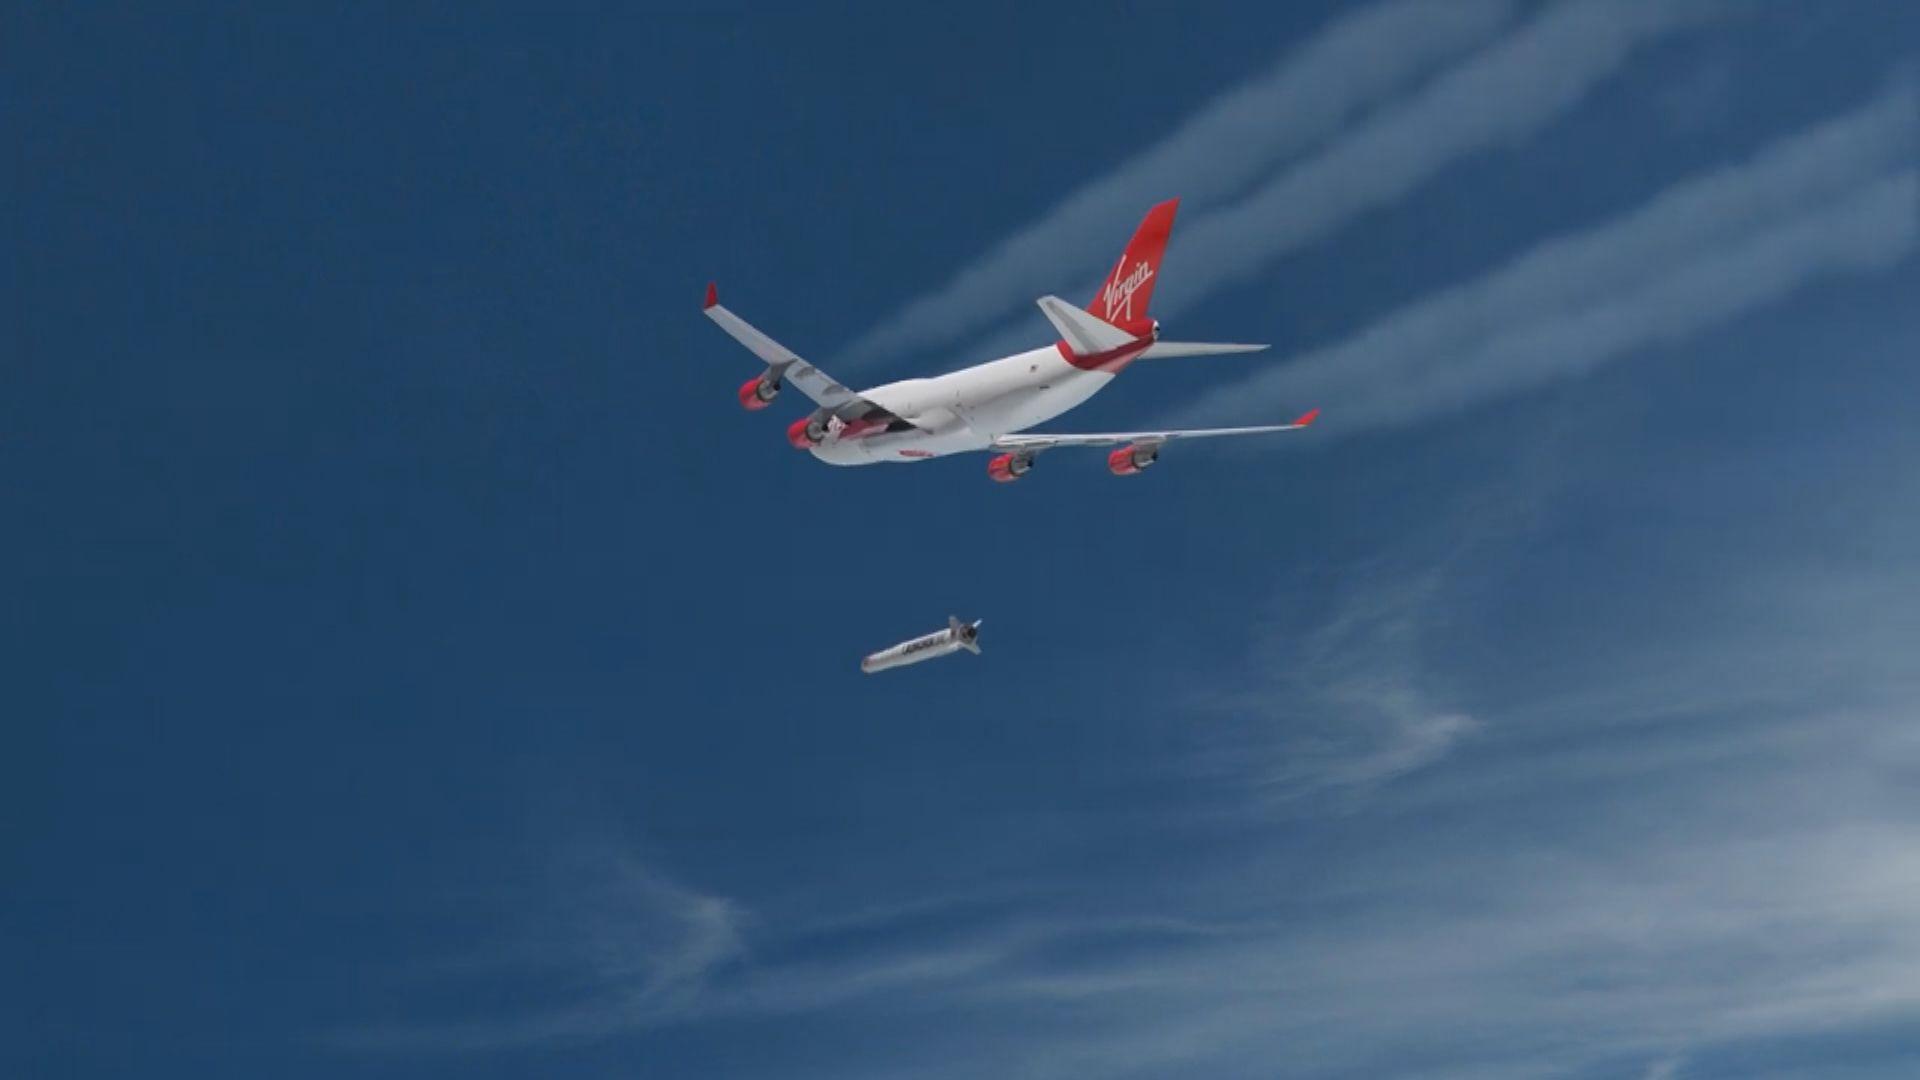 維珍軌道成功以空中發射火箭把人造衛星送入太空